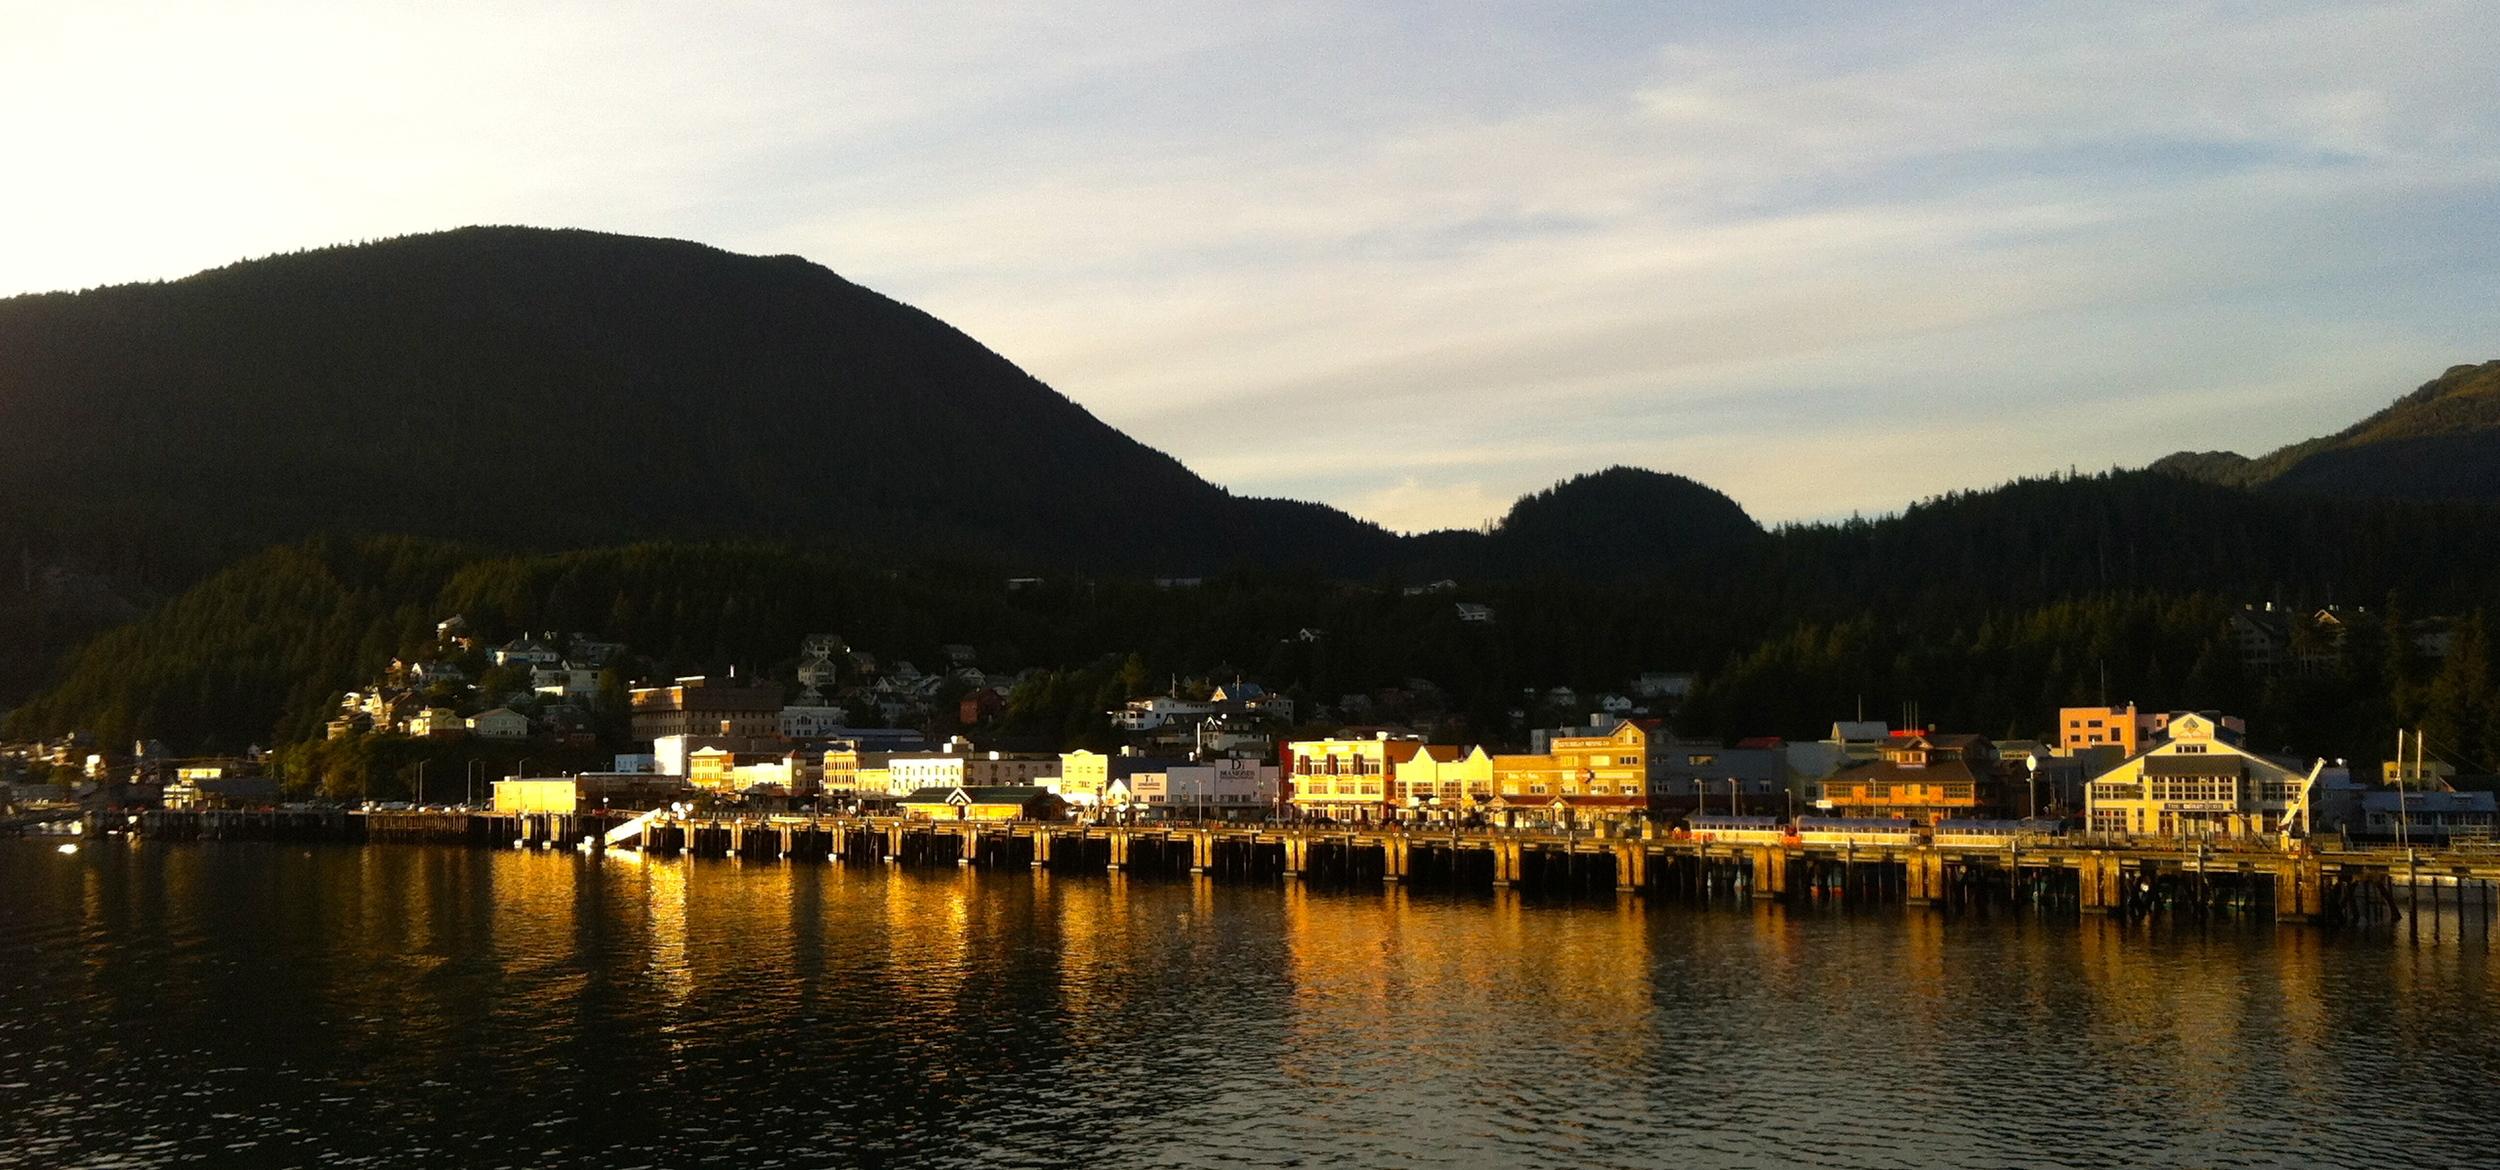 First stop Ketchikan, Alaska.